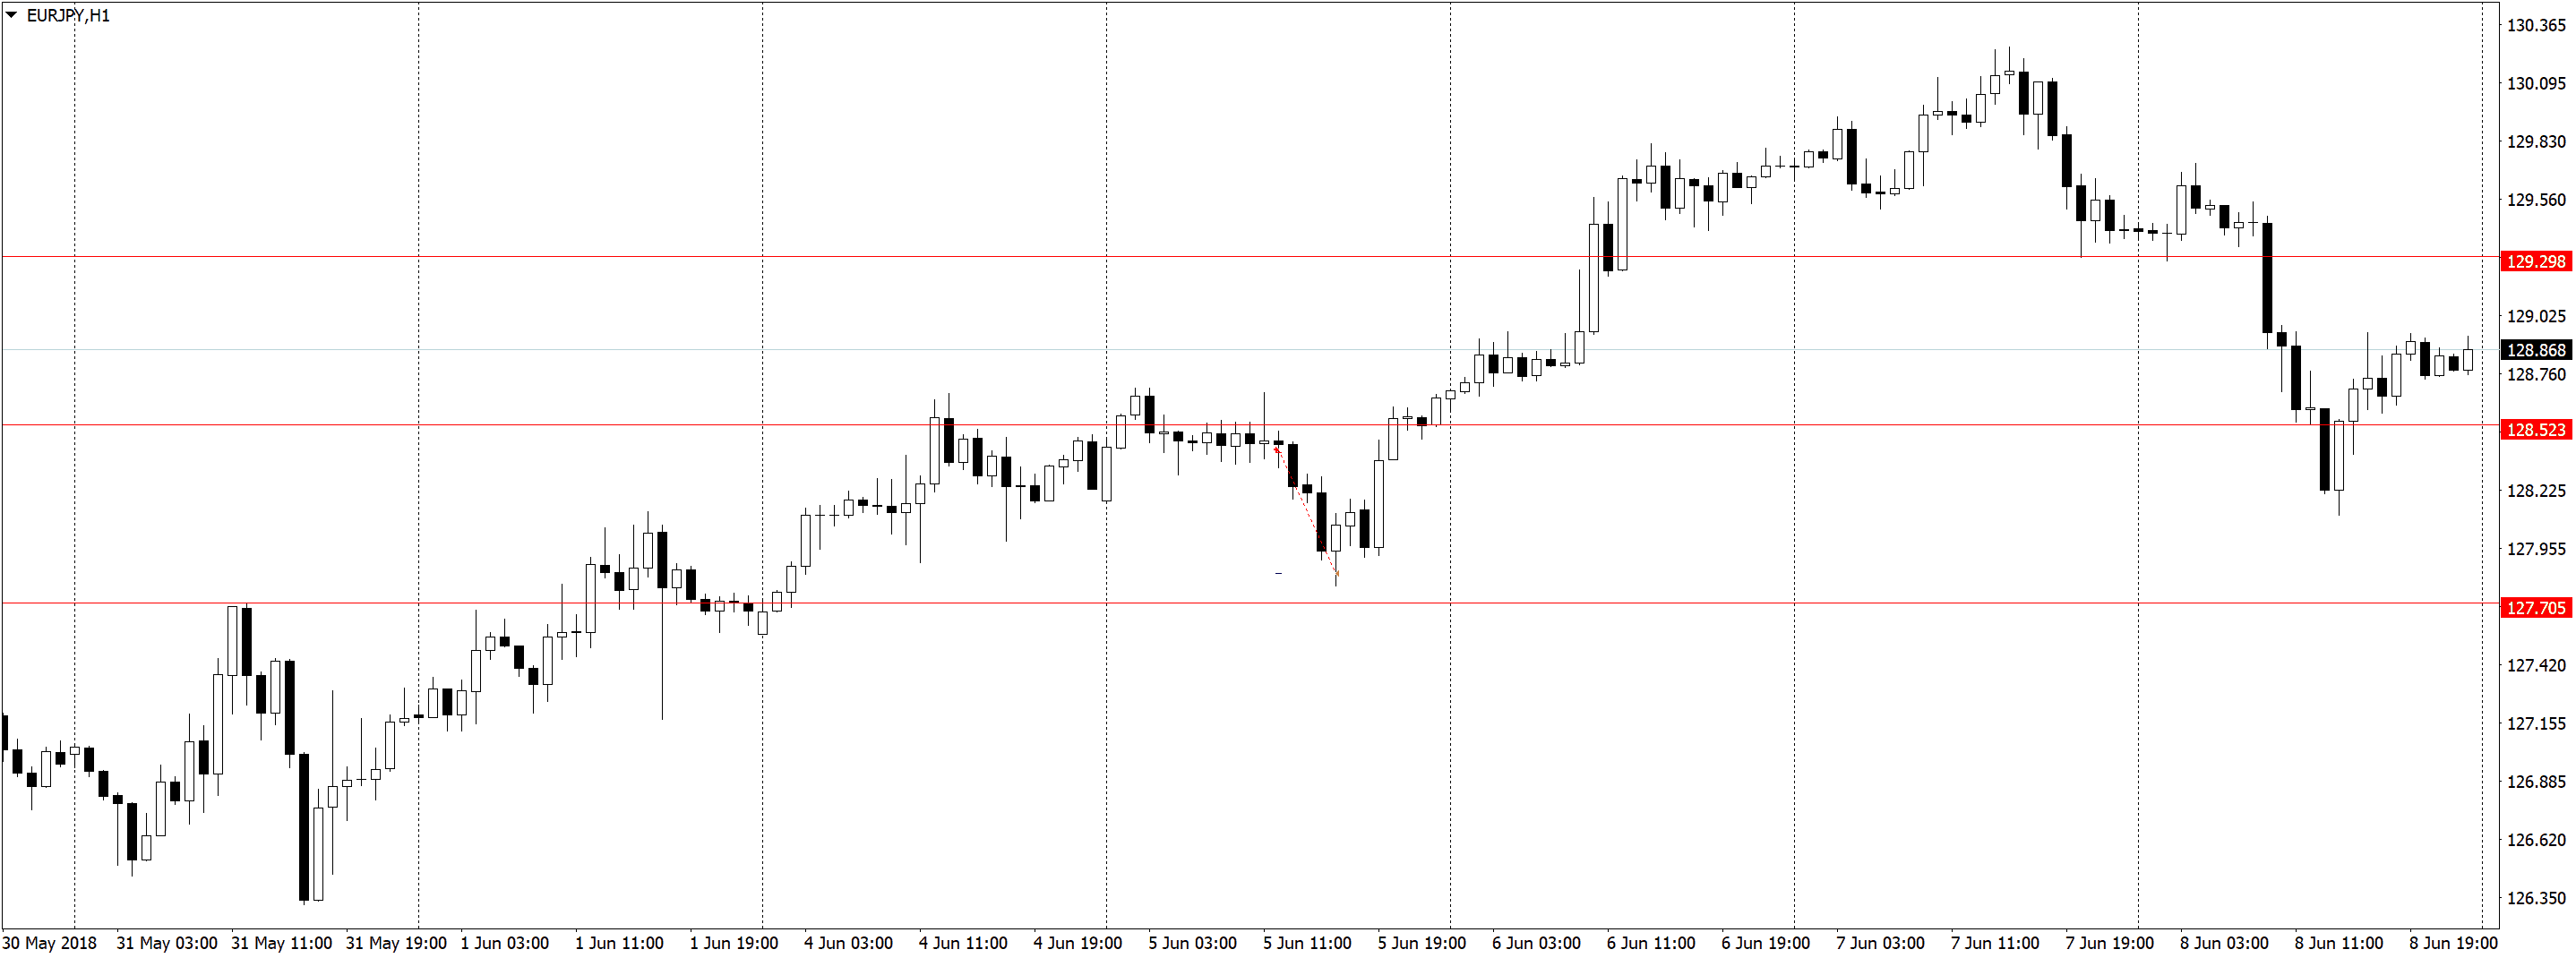 EURJPYH1 1 Торговля по H1, трейдинг в удовольствие, три состояния рынка